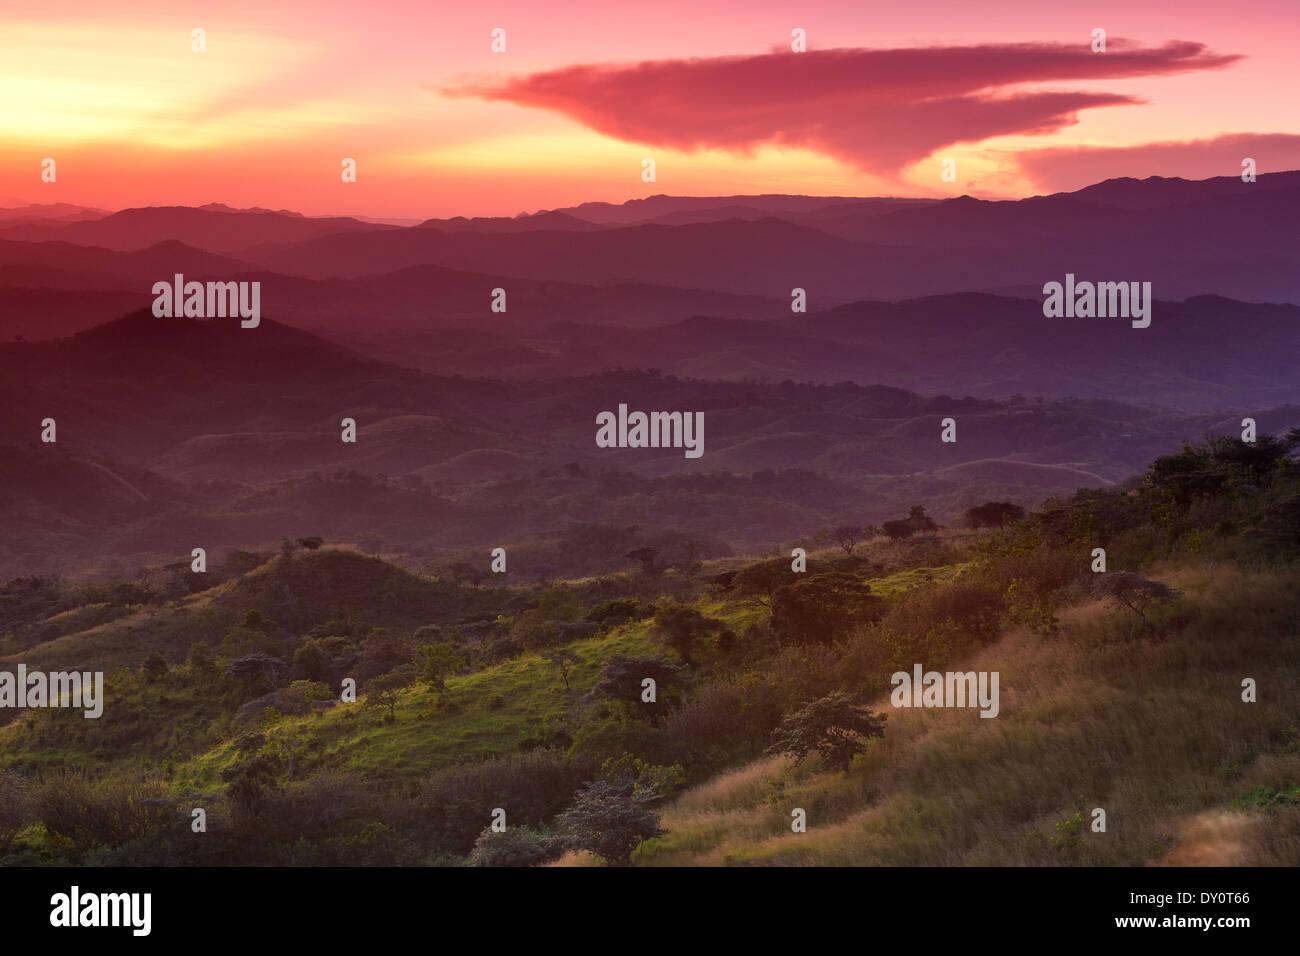 Schönen Sonnenuntergang von den Hügeln über dem Dorf Ola in der Provinz Cocle gesehen, Republik Panama. Stockfoto